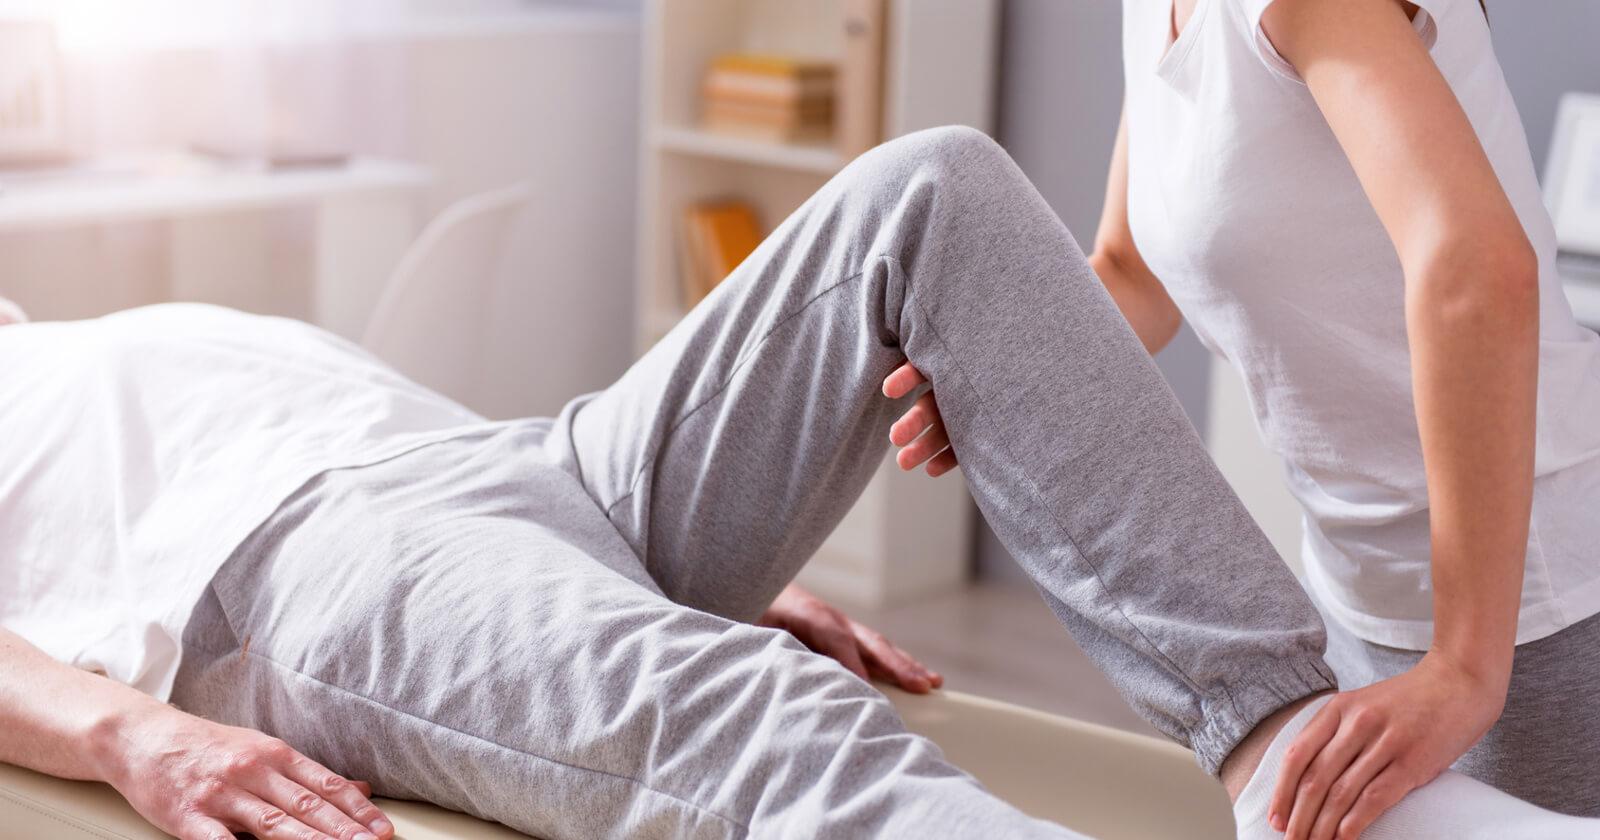 Lähmungen - Ursachen und Behandlung - ratgeber-nerven.de